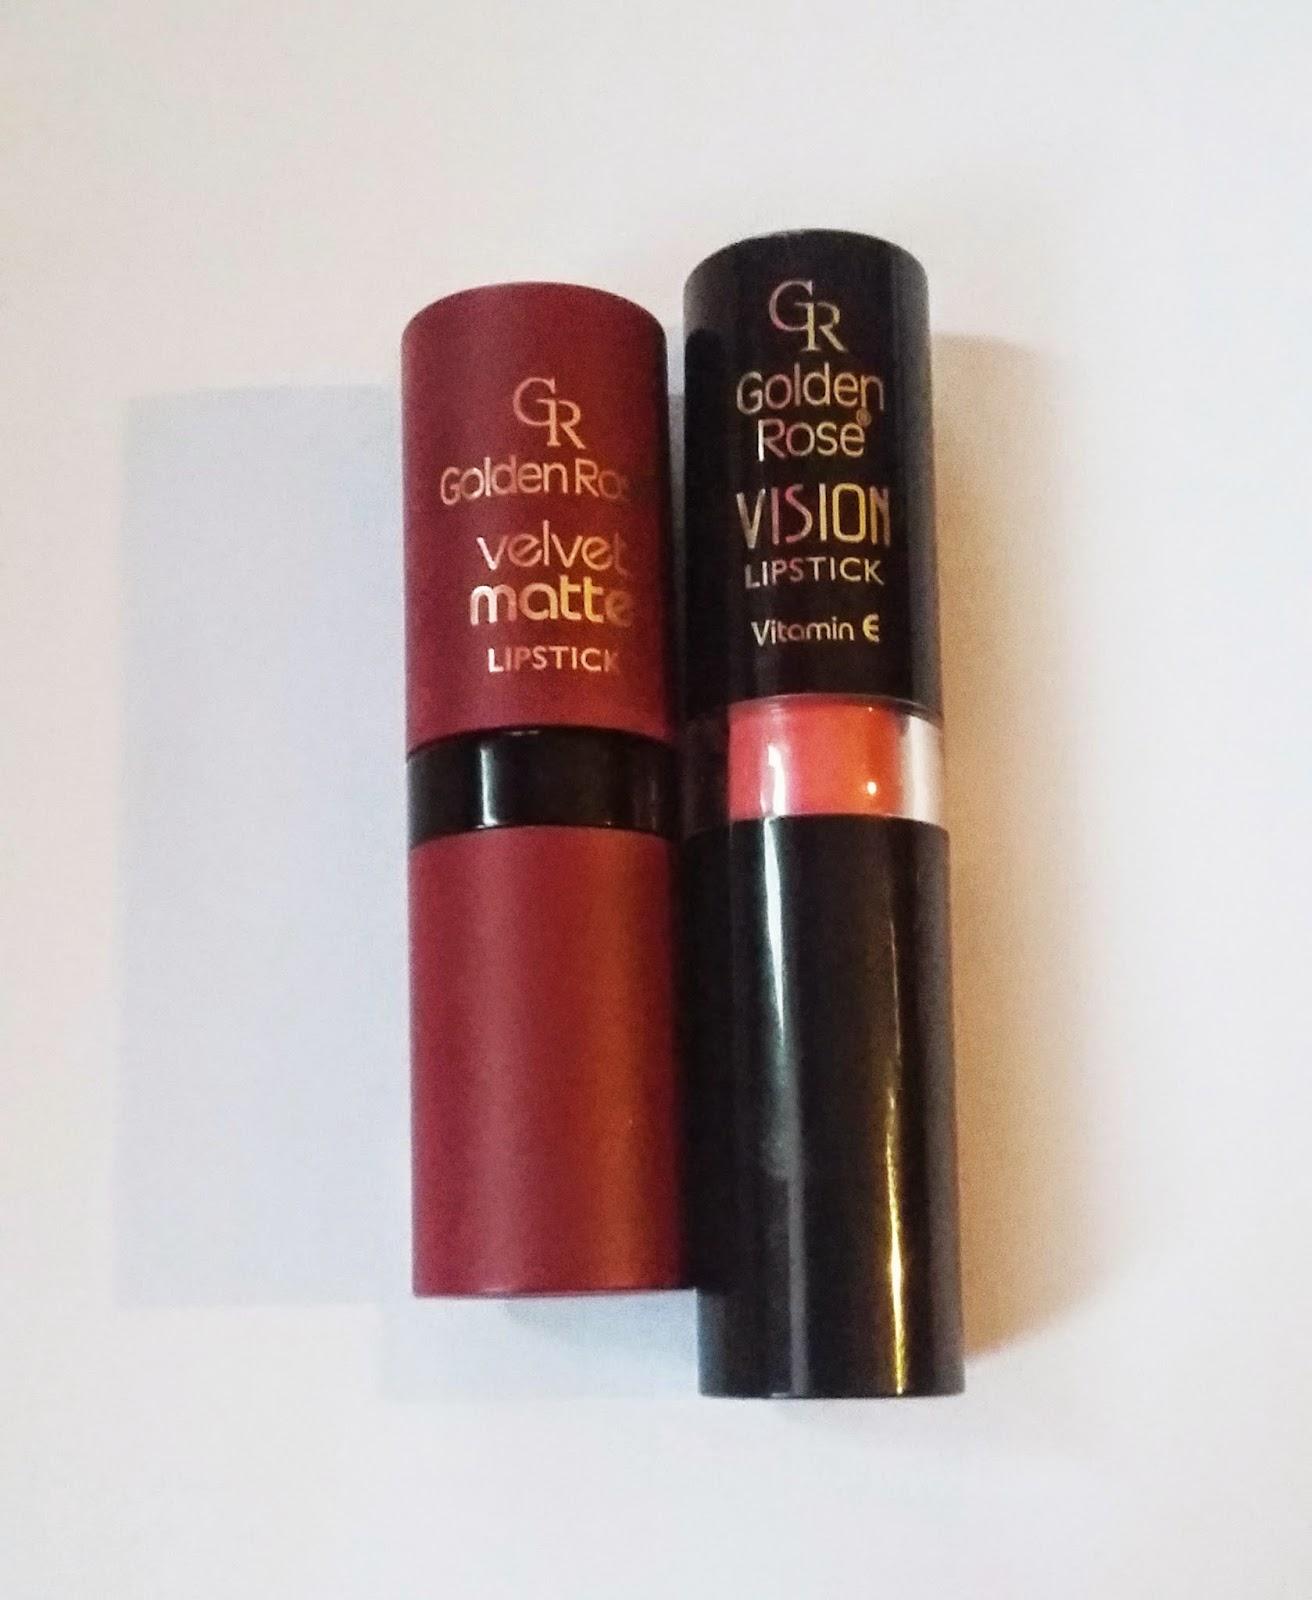 Szminki Golden Rose, przereklamowane? Velvet Matte, Vision Lipstick.